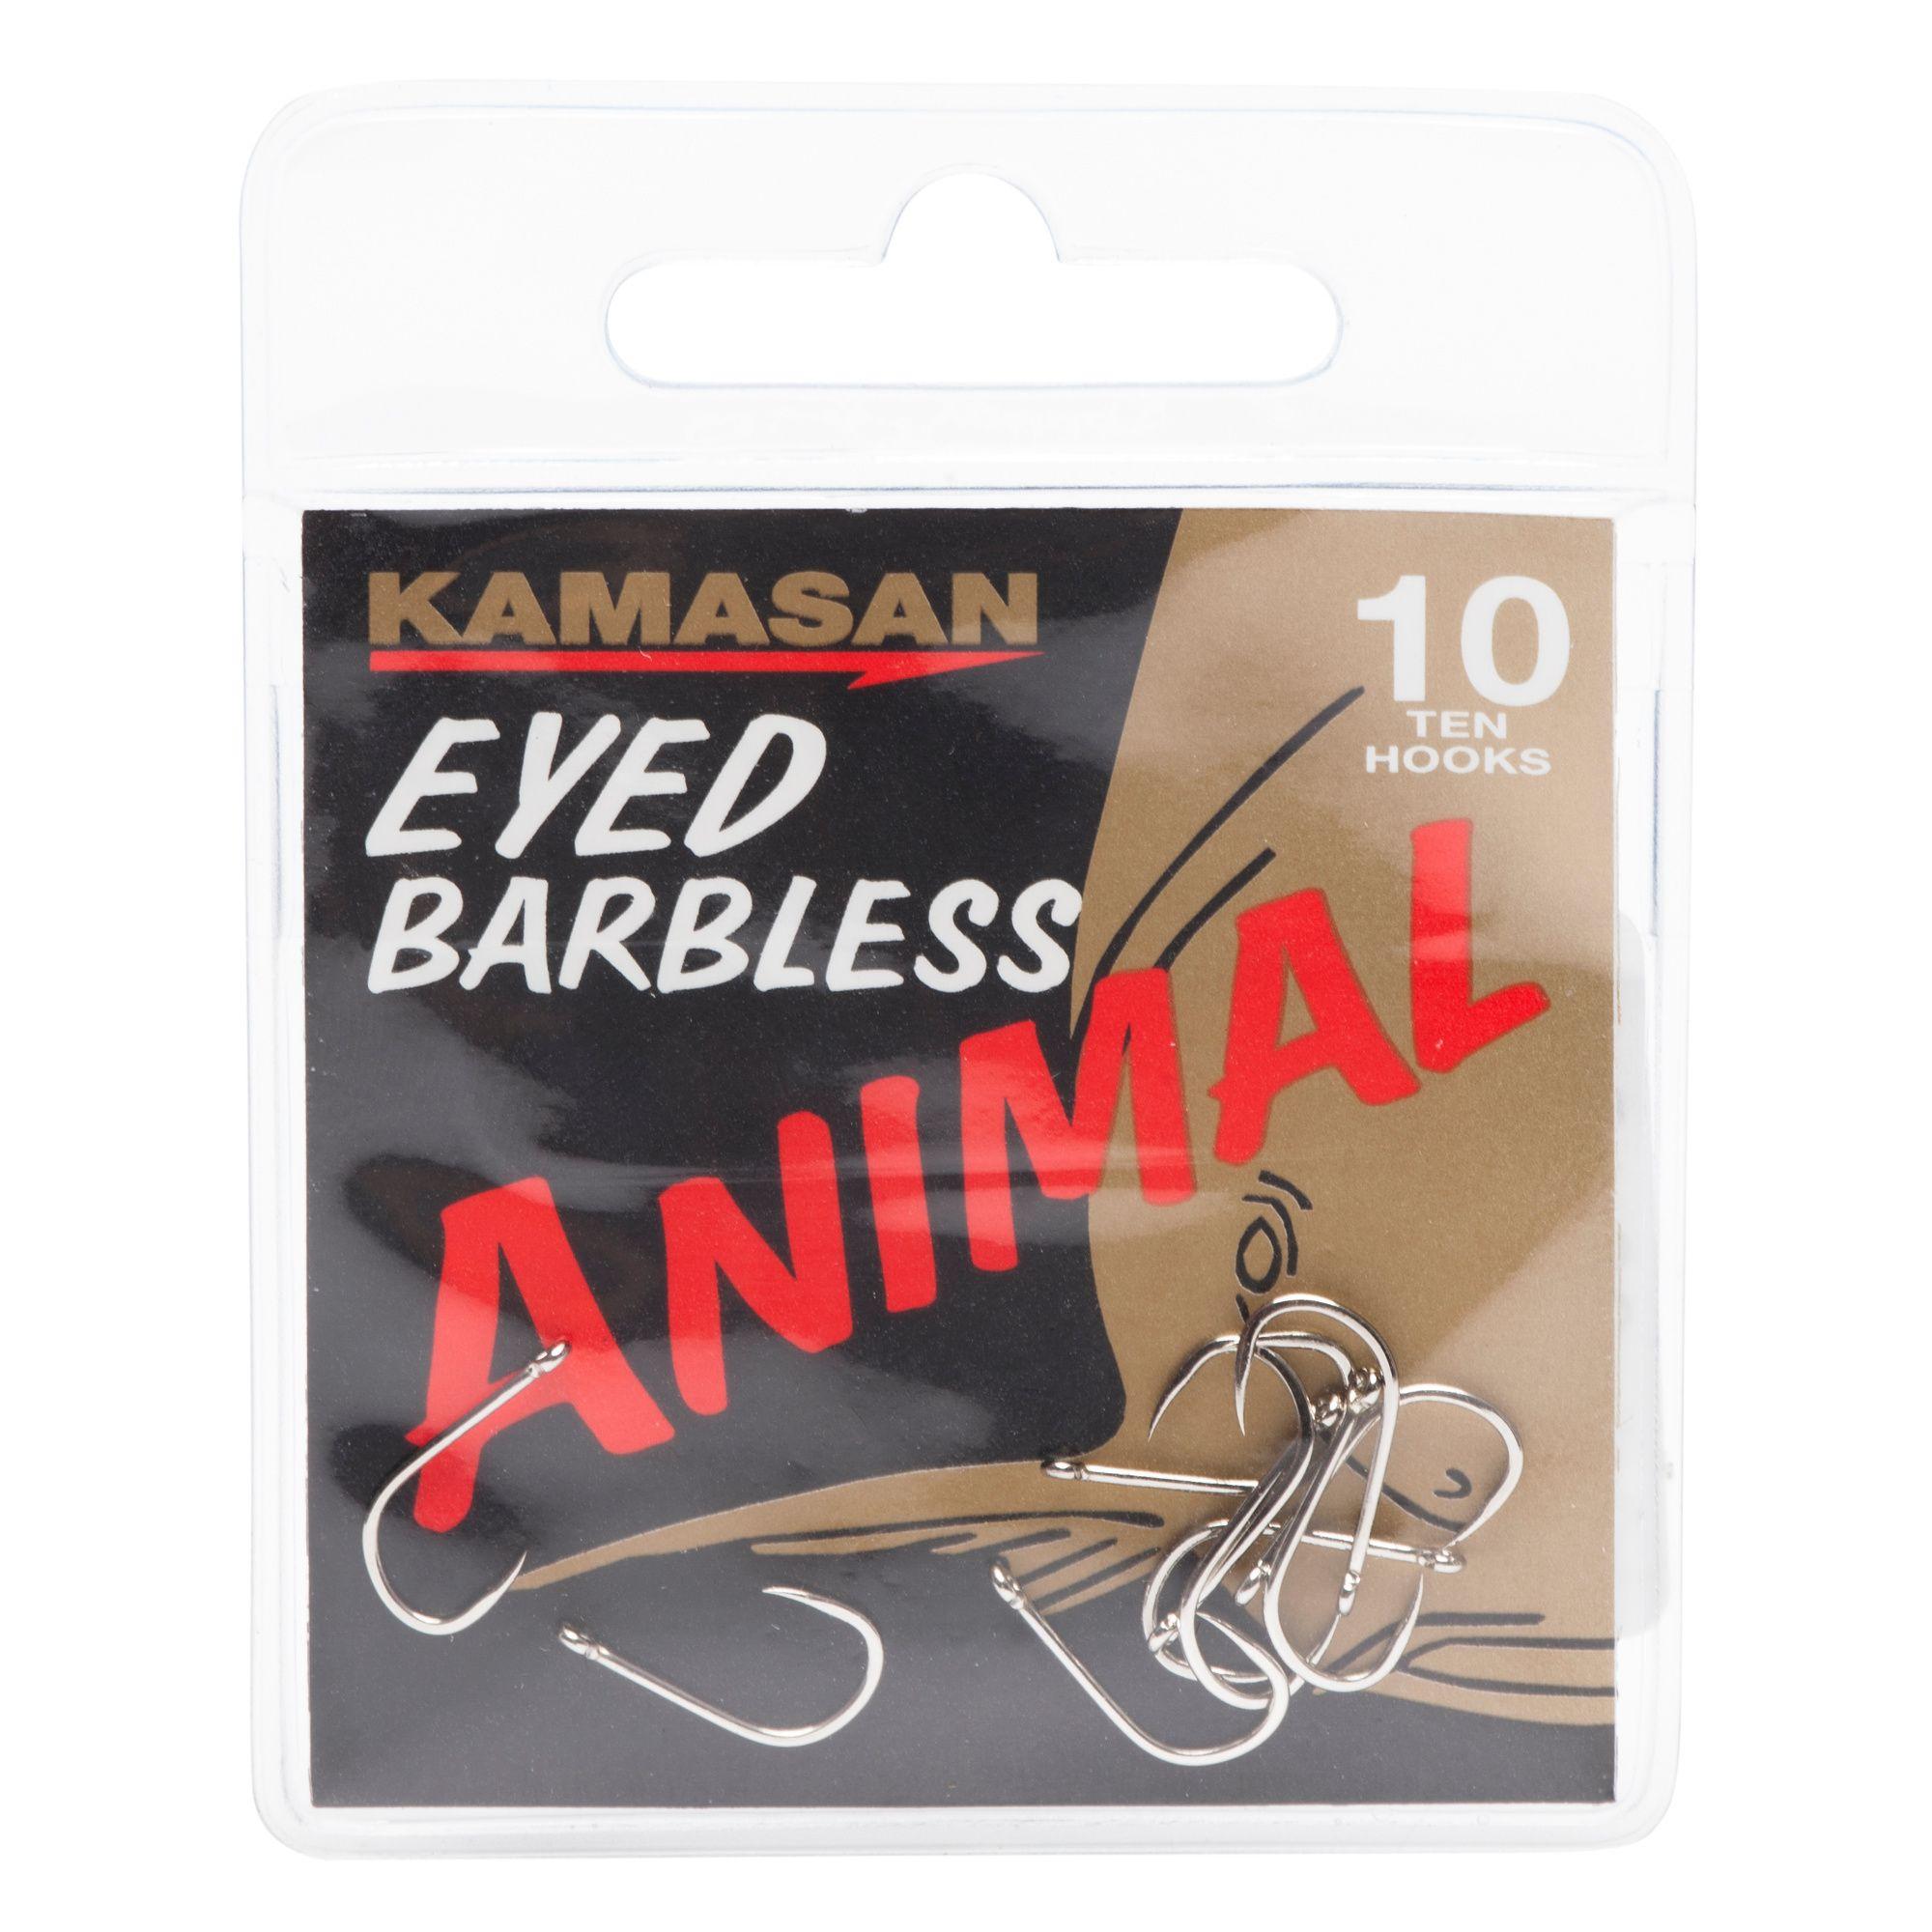 KAMASAN Animal Fishing Hooks - Size 10